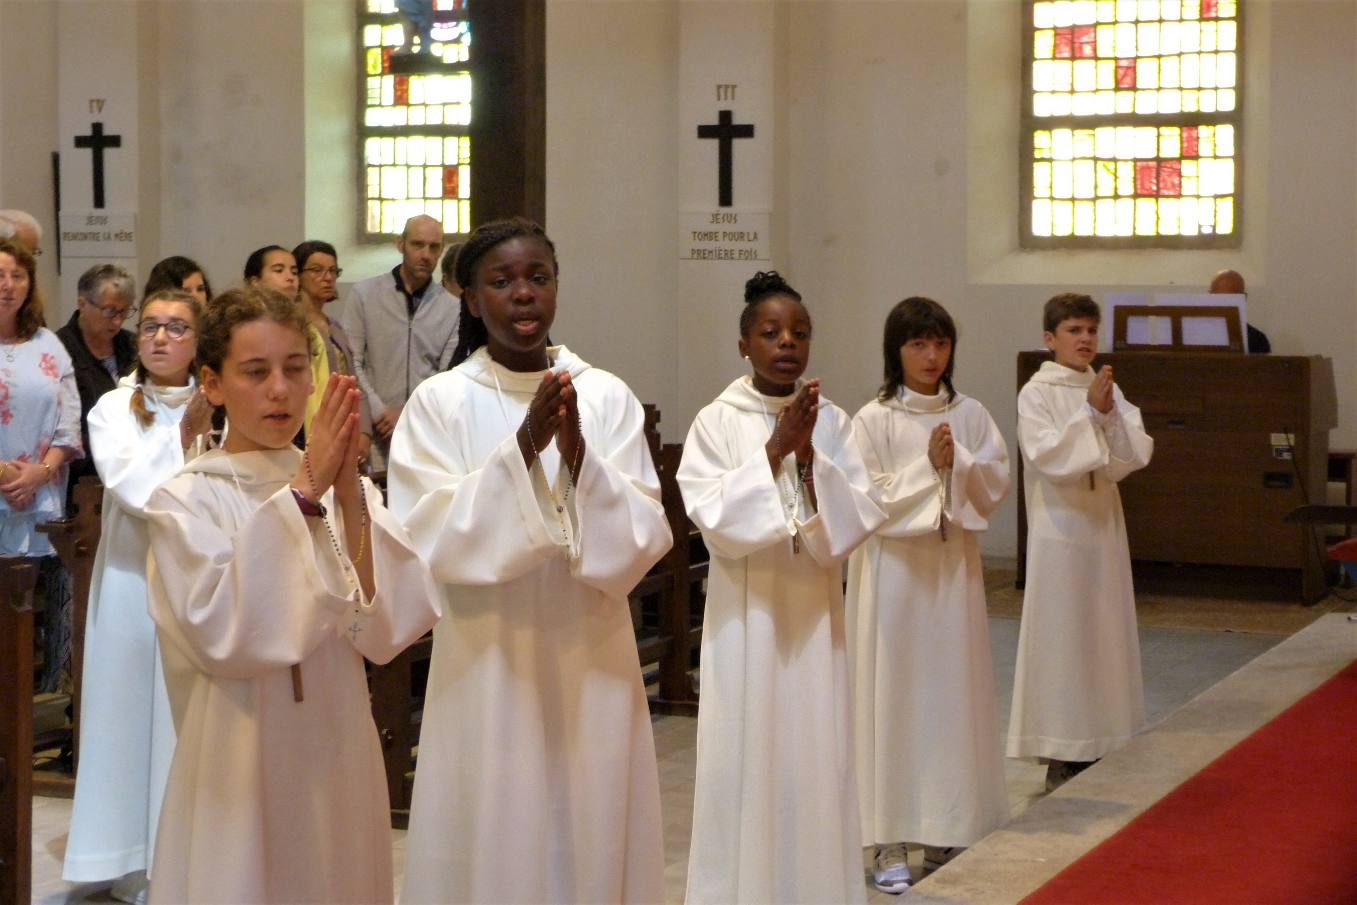 pour chanter Marie avec toute l'assemblée